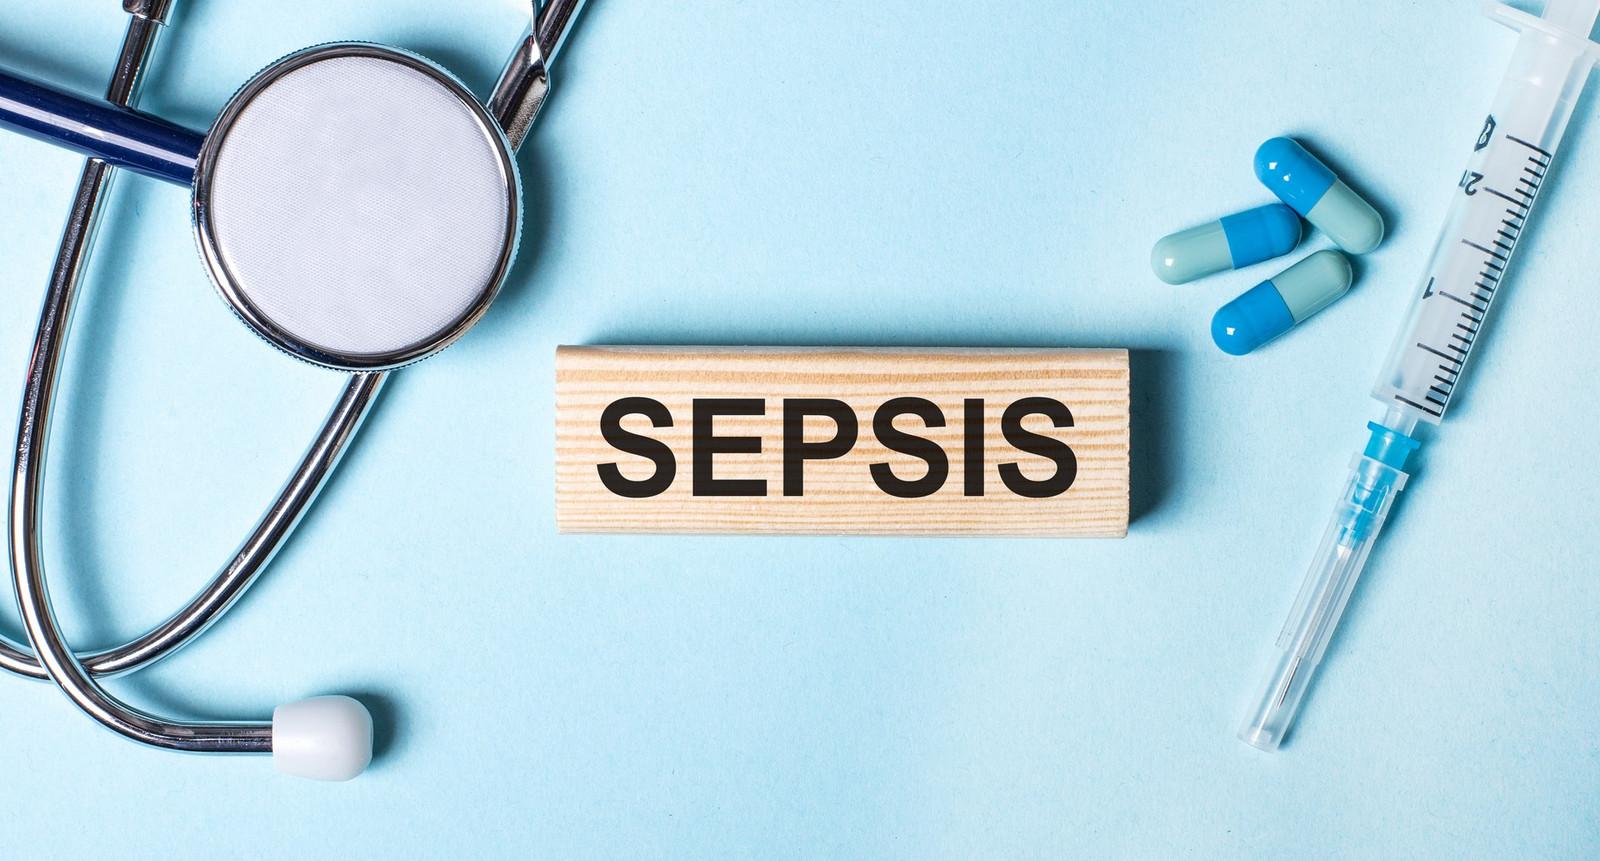 Chaque année, 3,4 millions de personnes sont touchées par le sepsis dans l'Union européenne et 680.000 d'entre elles en meurent.